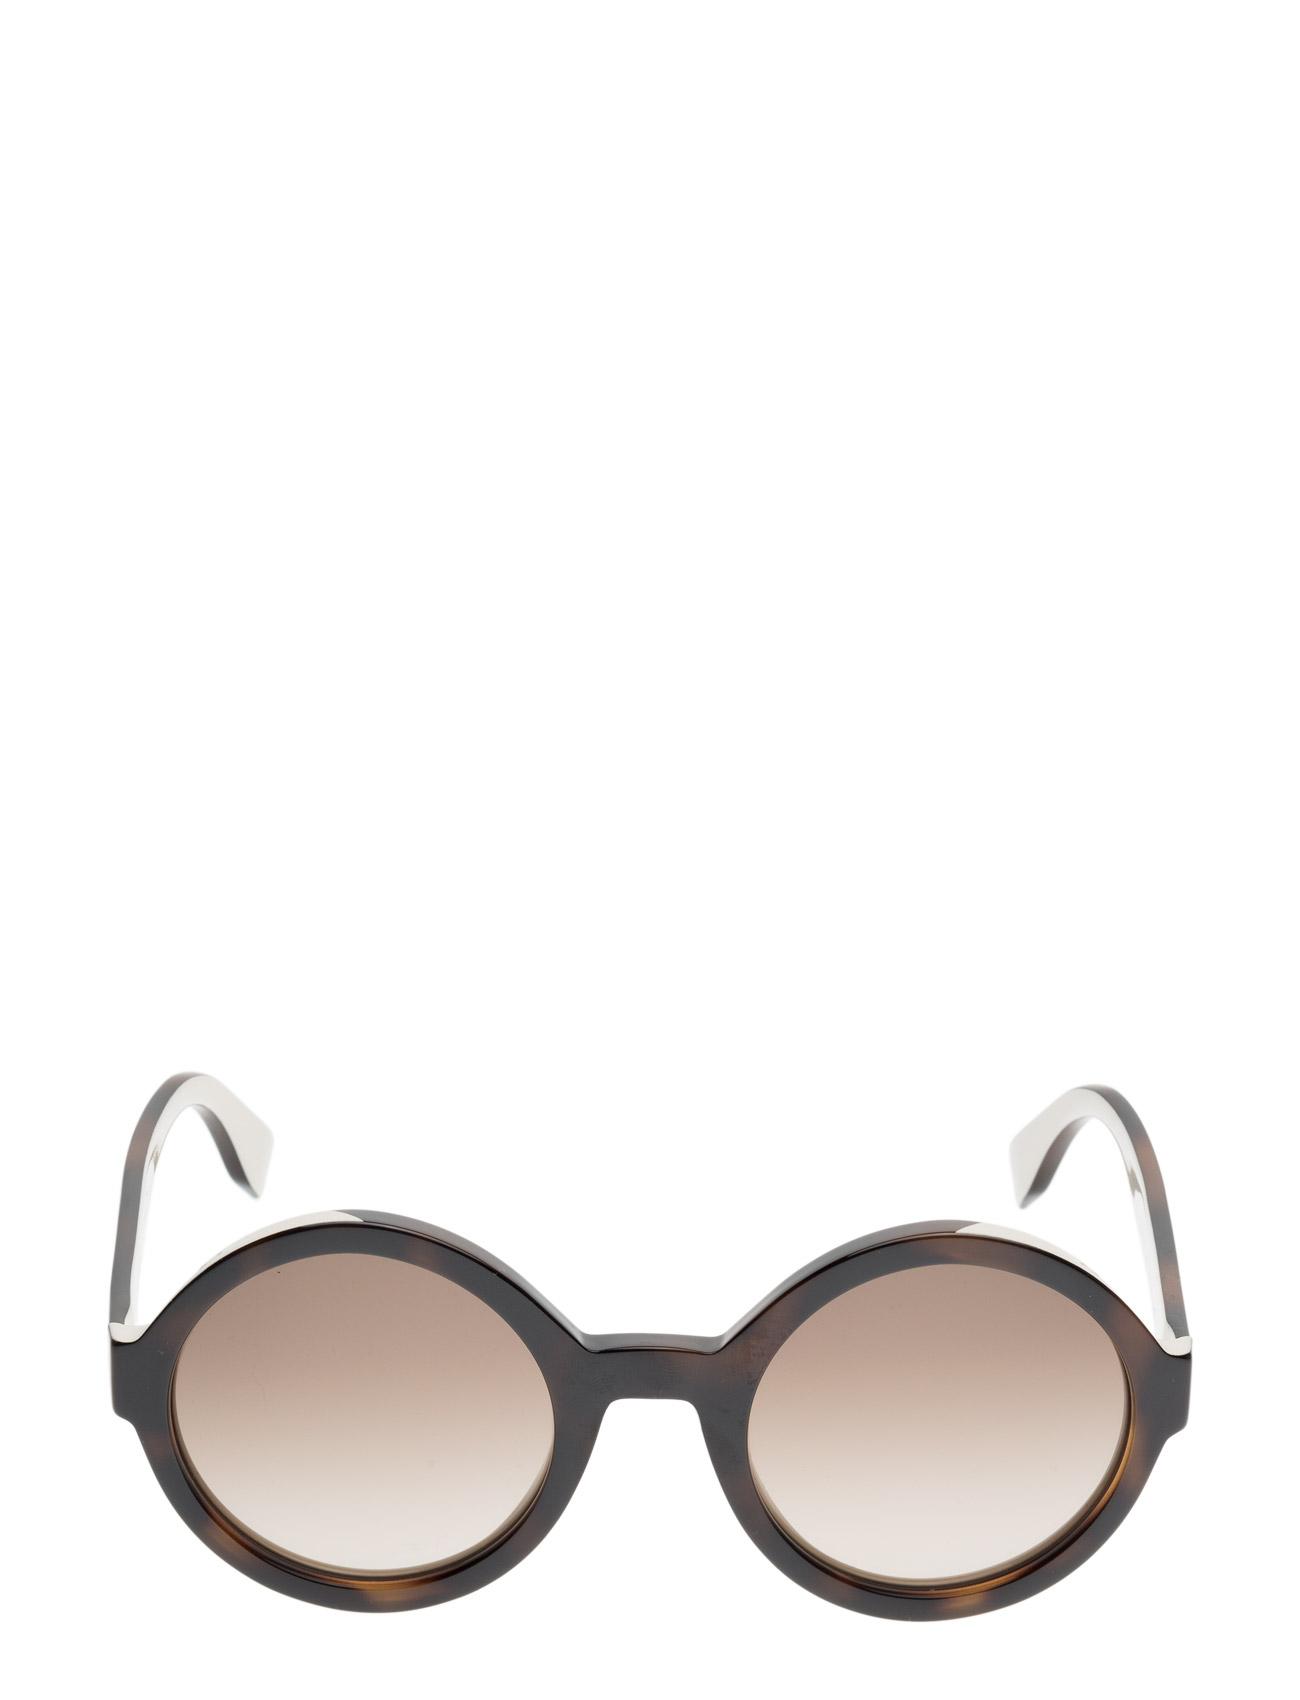 230365 Fendi Sunglasses Solbriller til Kvinder i